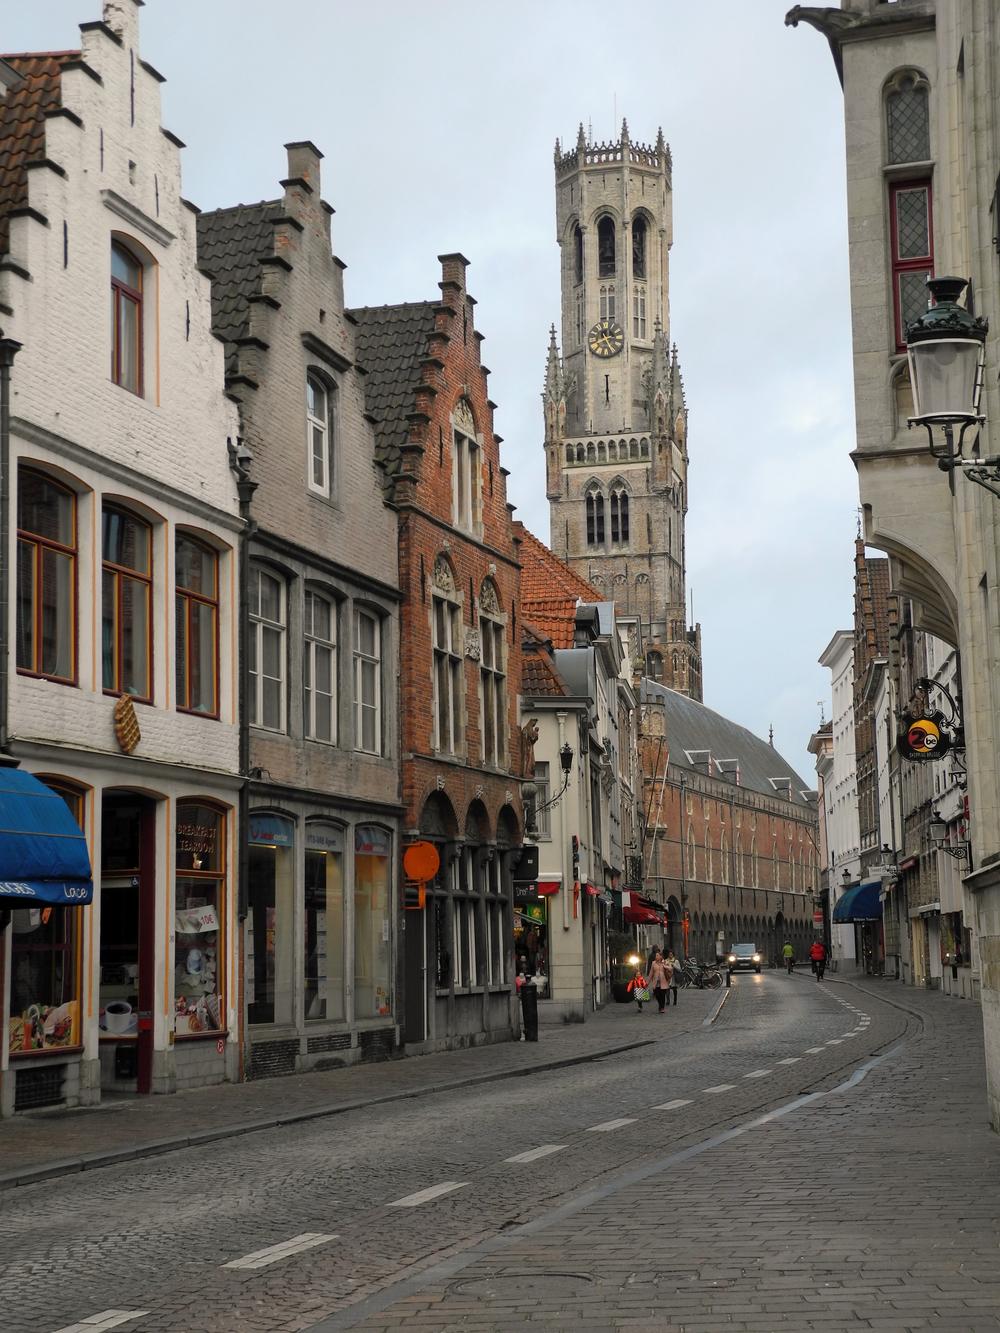 Center of Bruges, Belgium